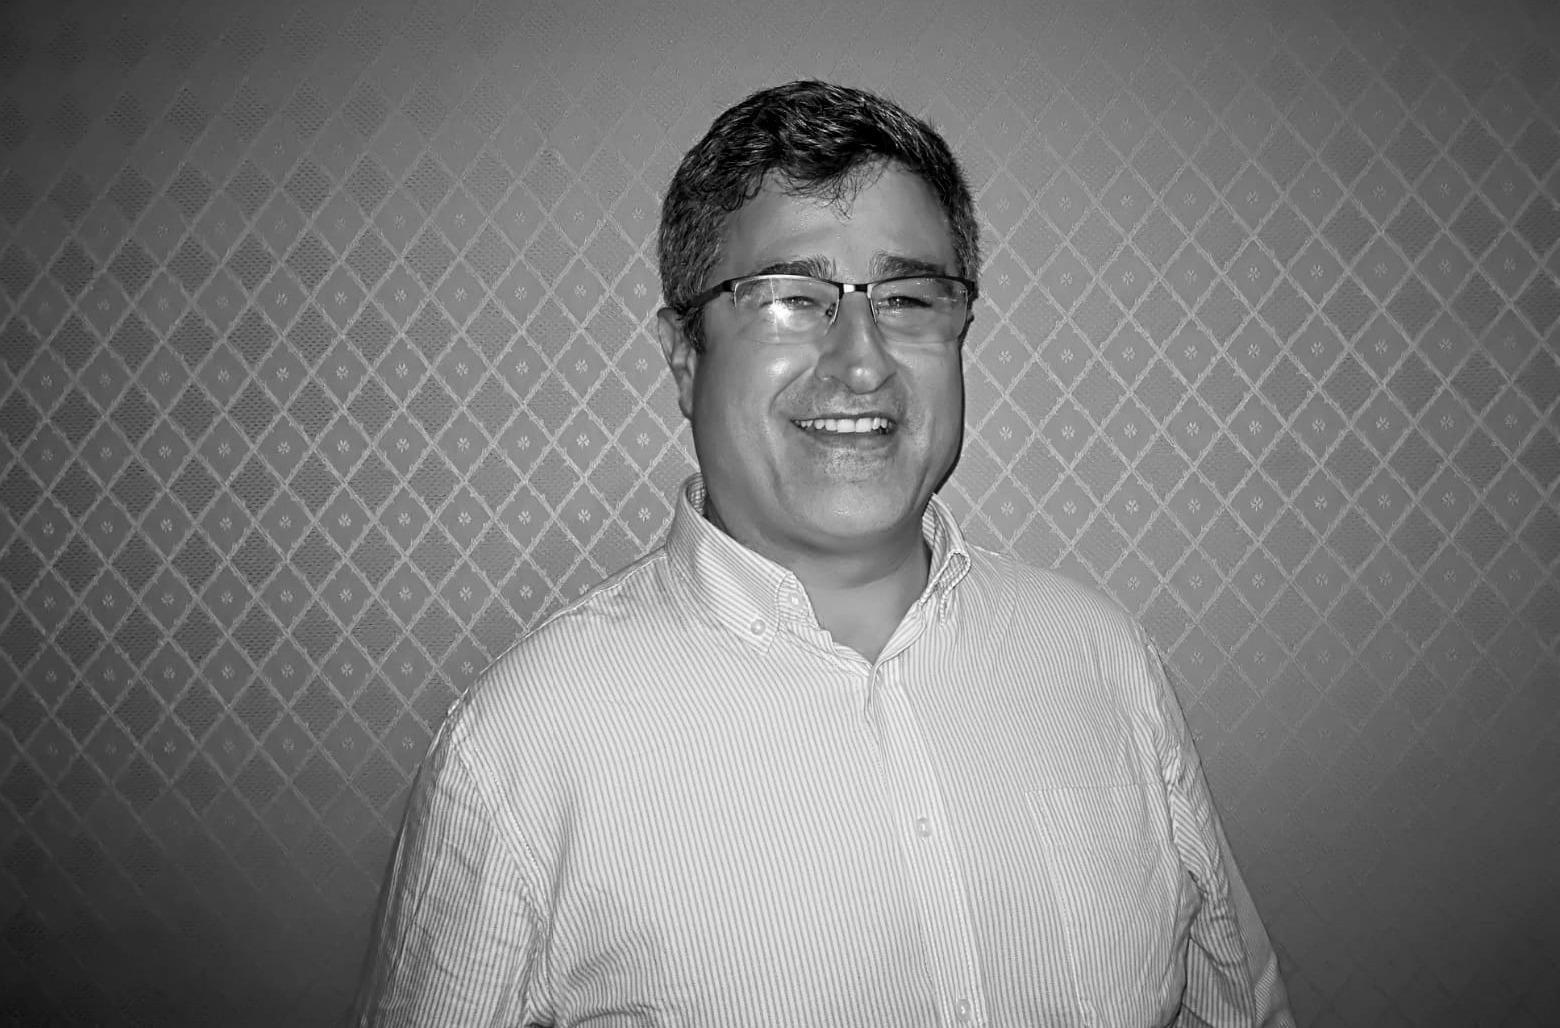 Tomàs López, Psicólogo Clínico